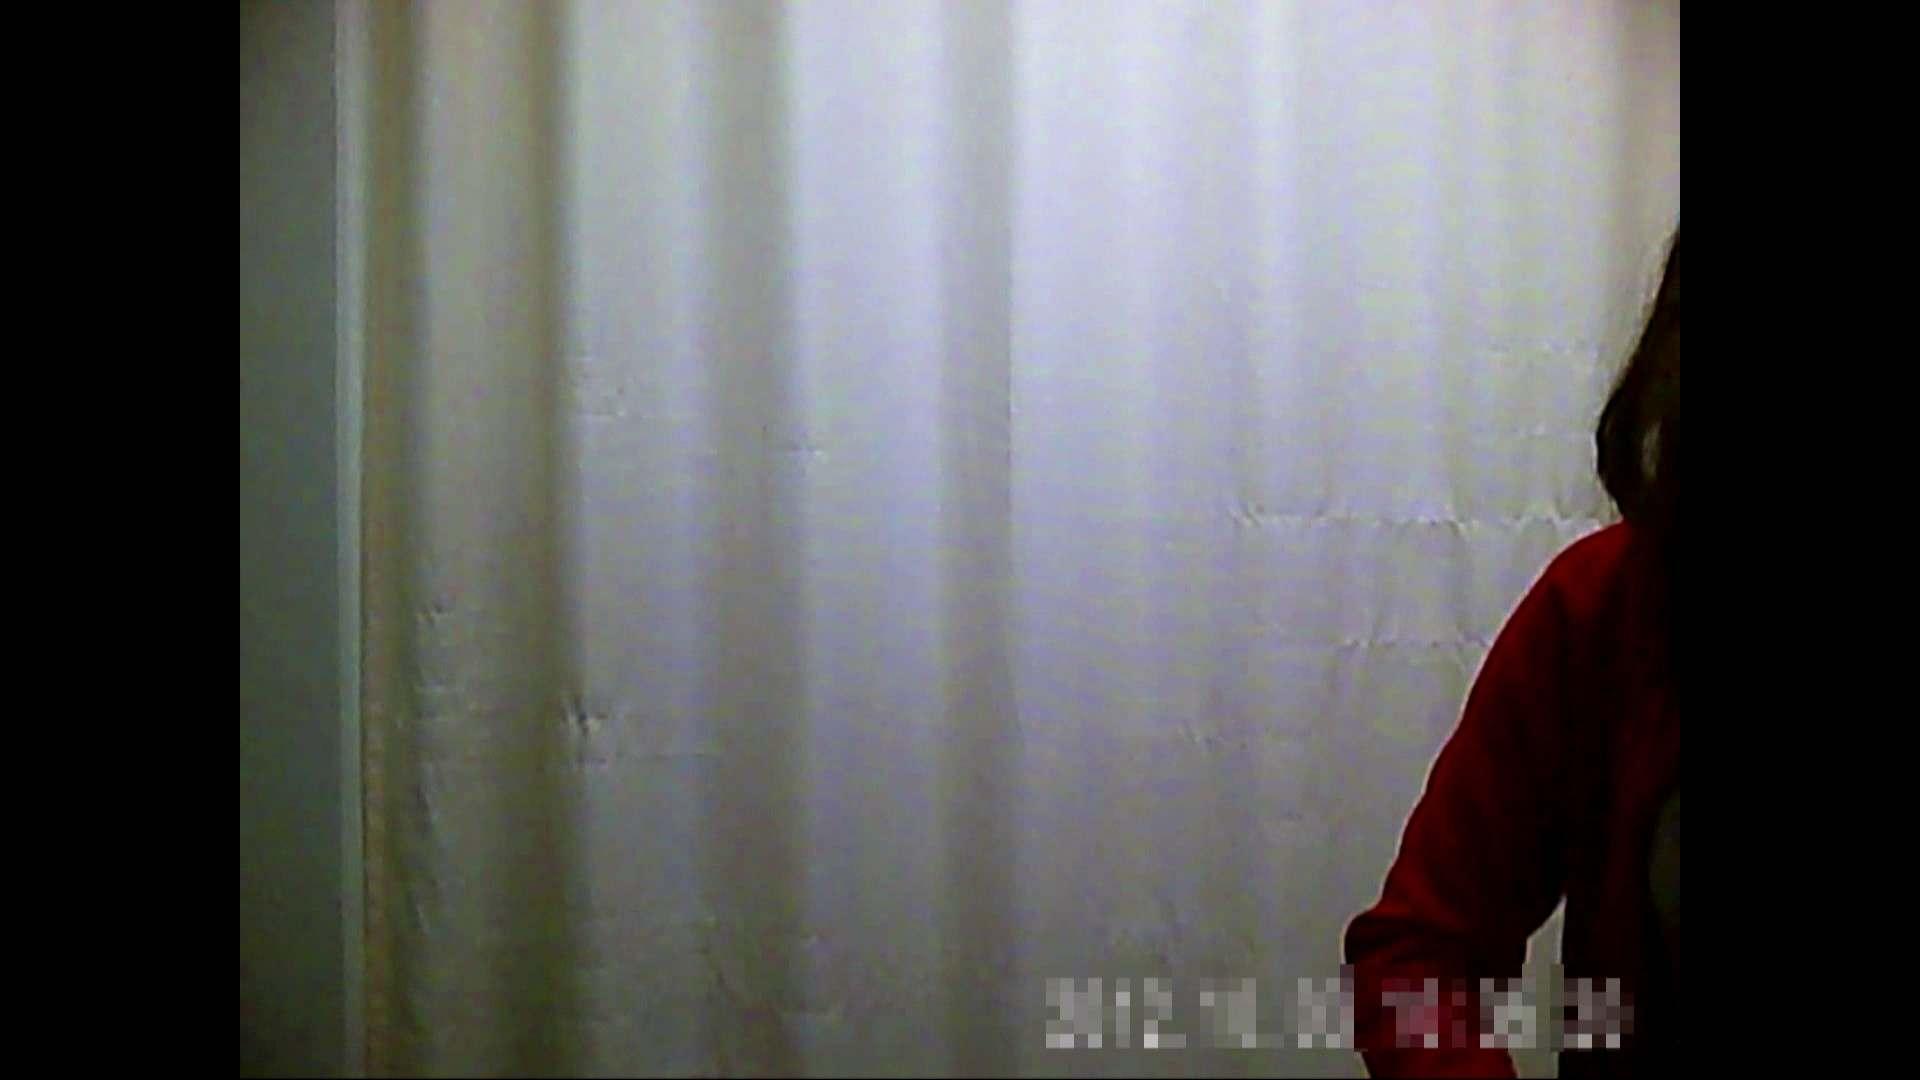 病院おもいっきり着替え! vol.227 盗撮 AV無料動画キャプチャ 92画像 52